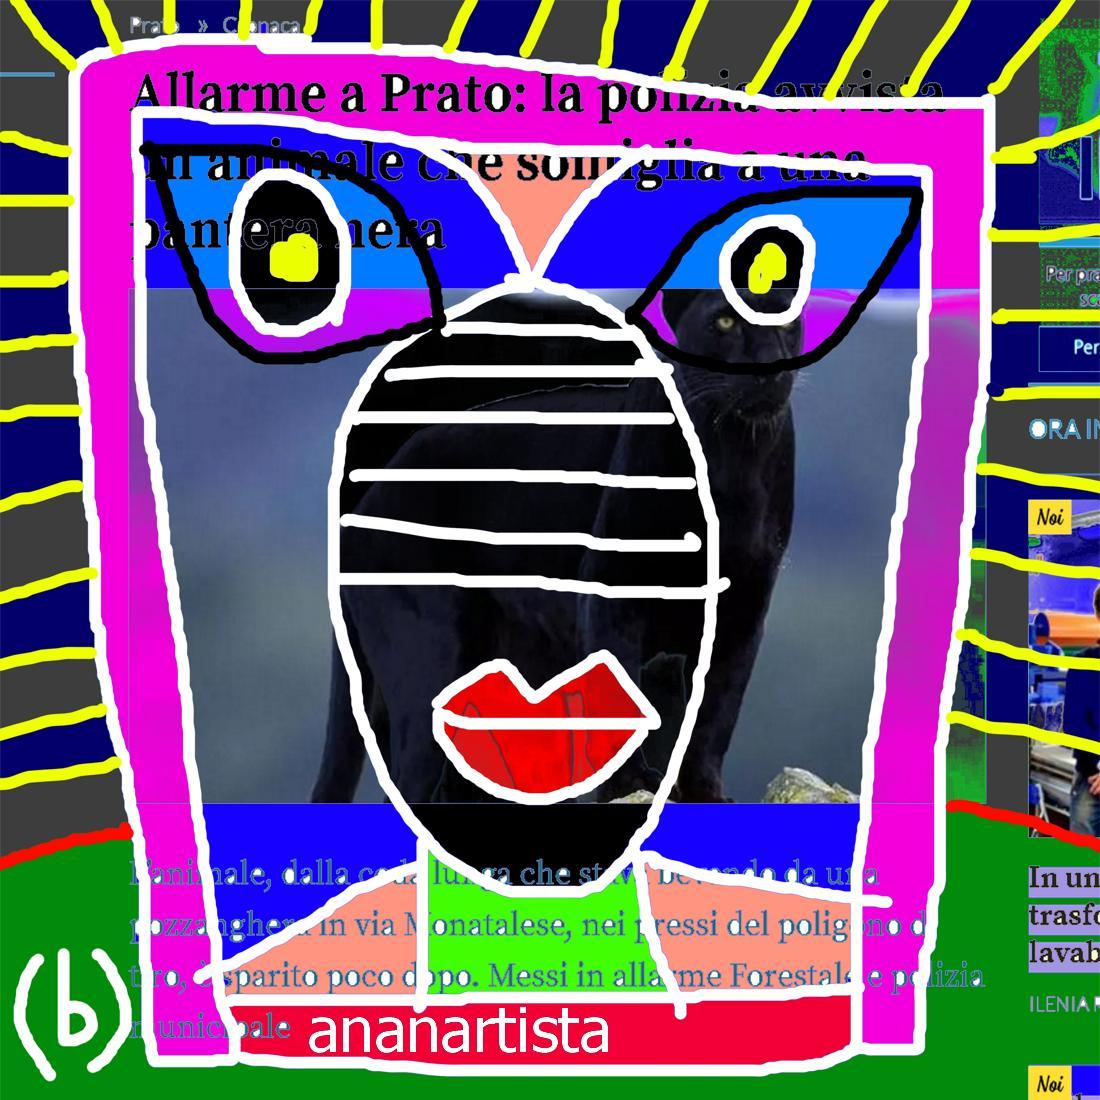 allarme a prato pantera nera - collage artistico di (b)ananartista sbuff